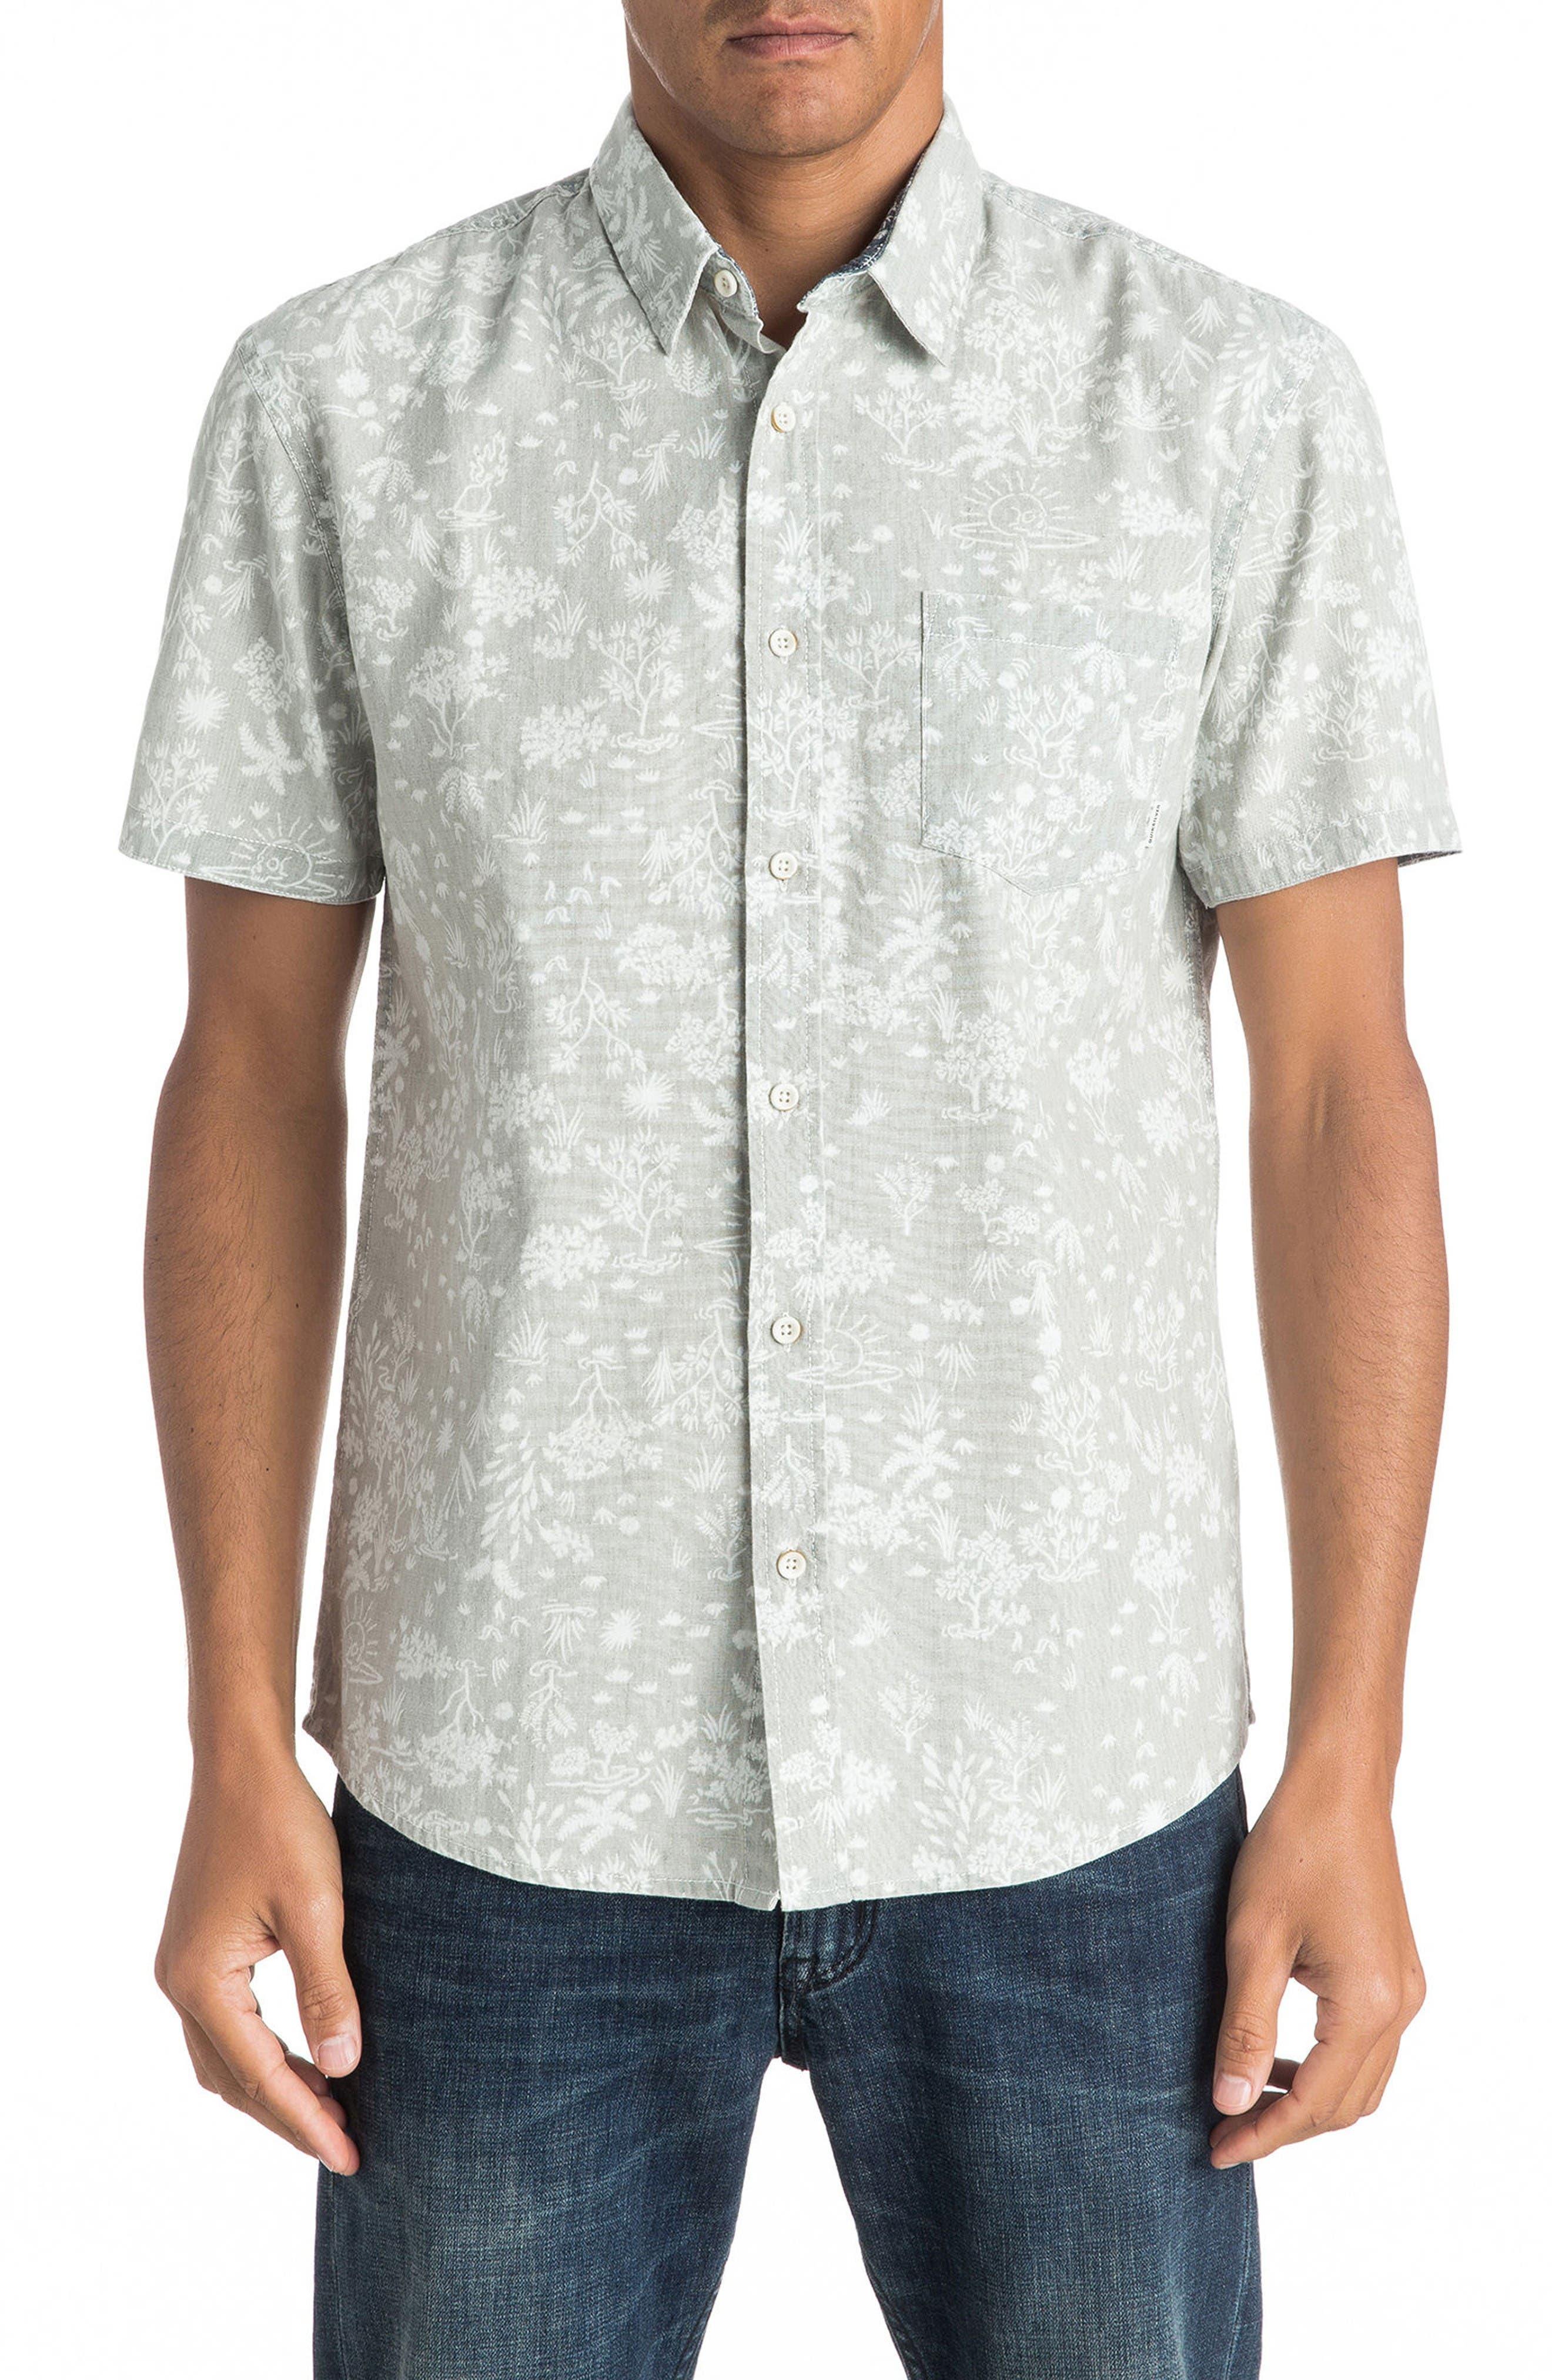 Quiksilver Bloom Field Diver Woven Shirt